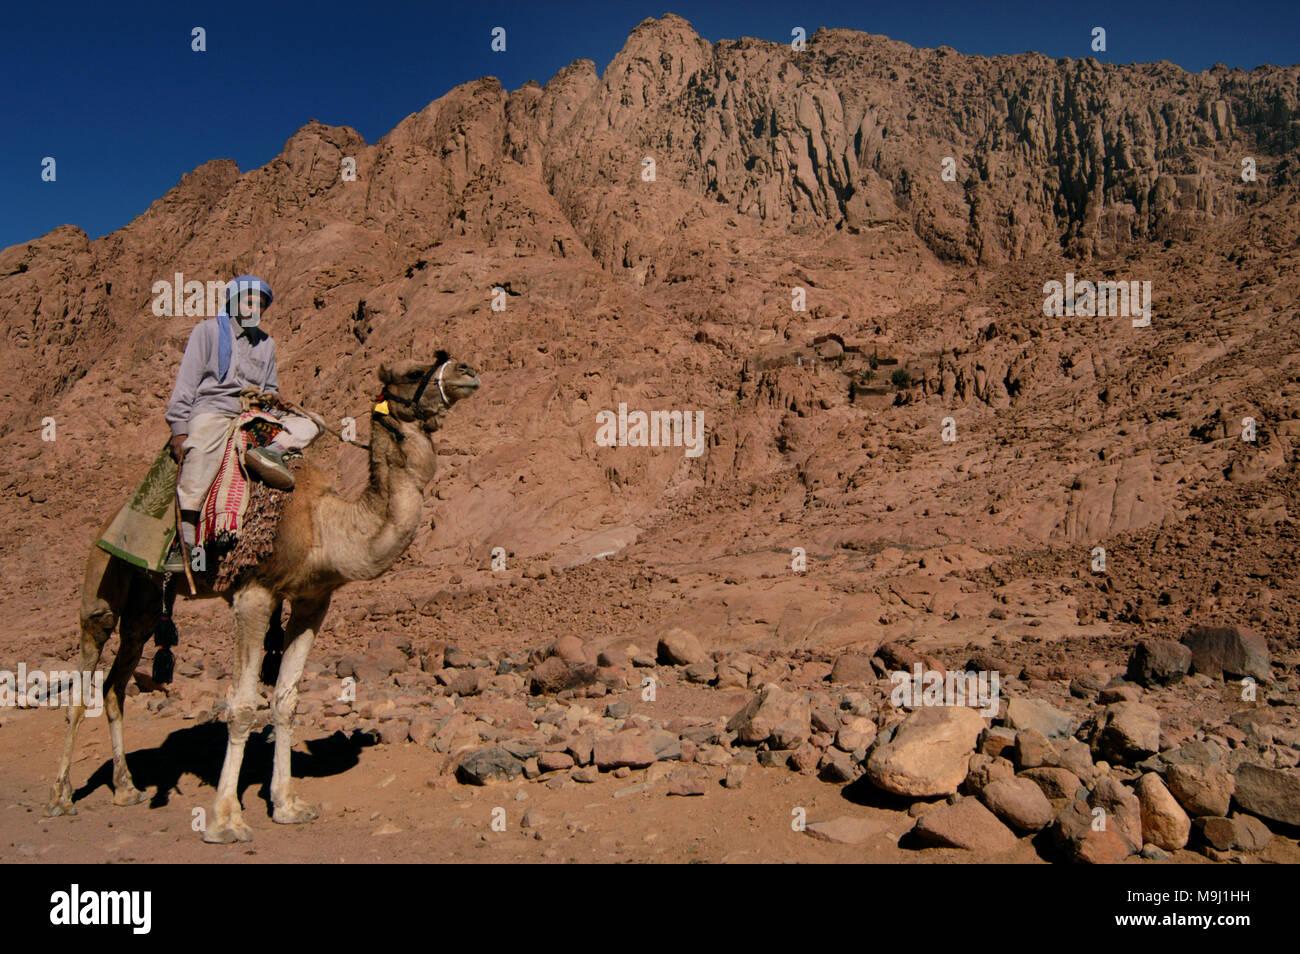 The Egyptian Sinai - Stock Image